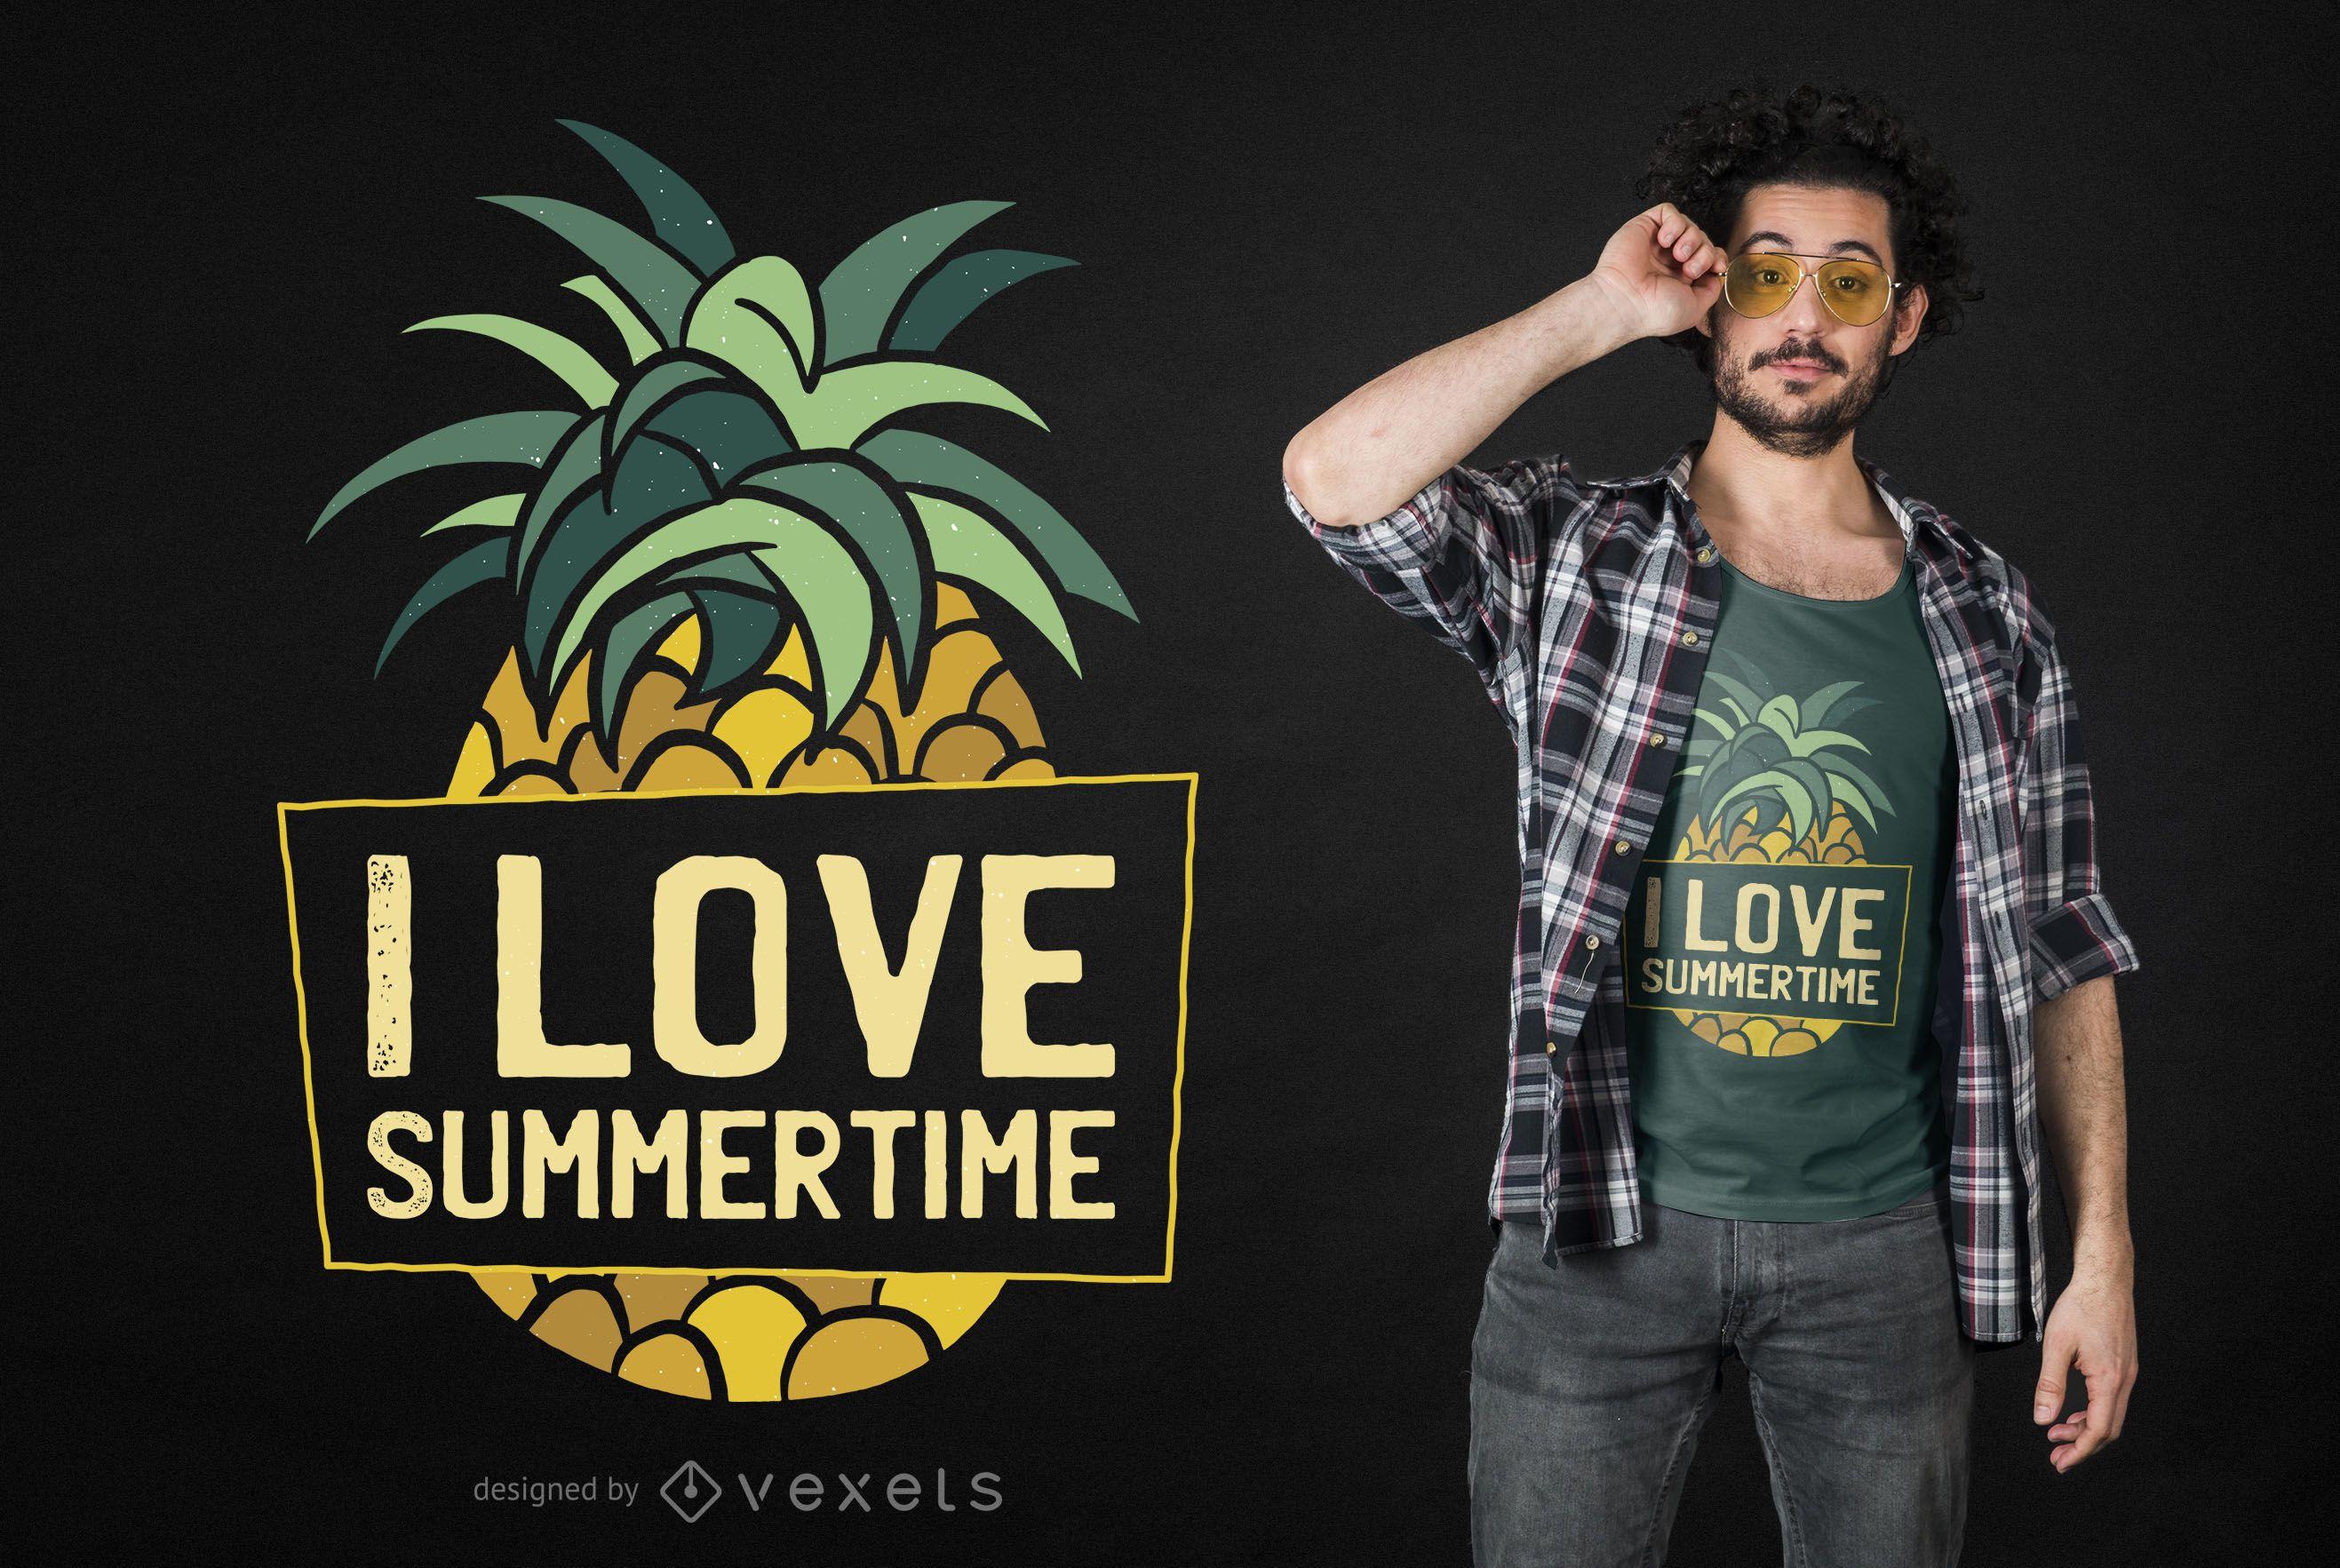 Pineapple Summertime T-shirt Design